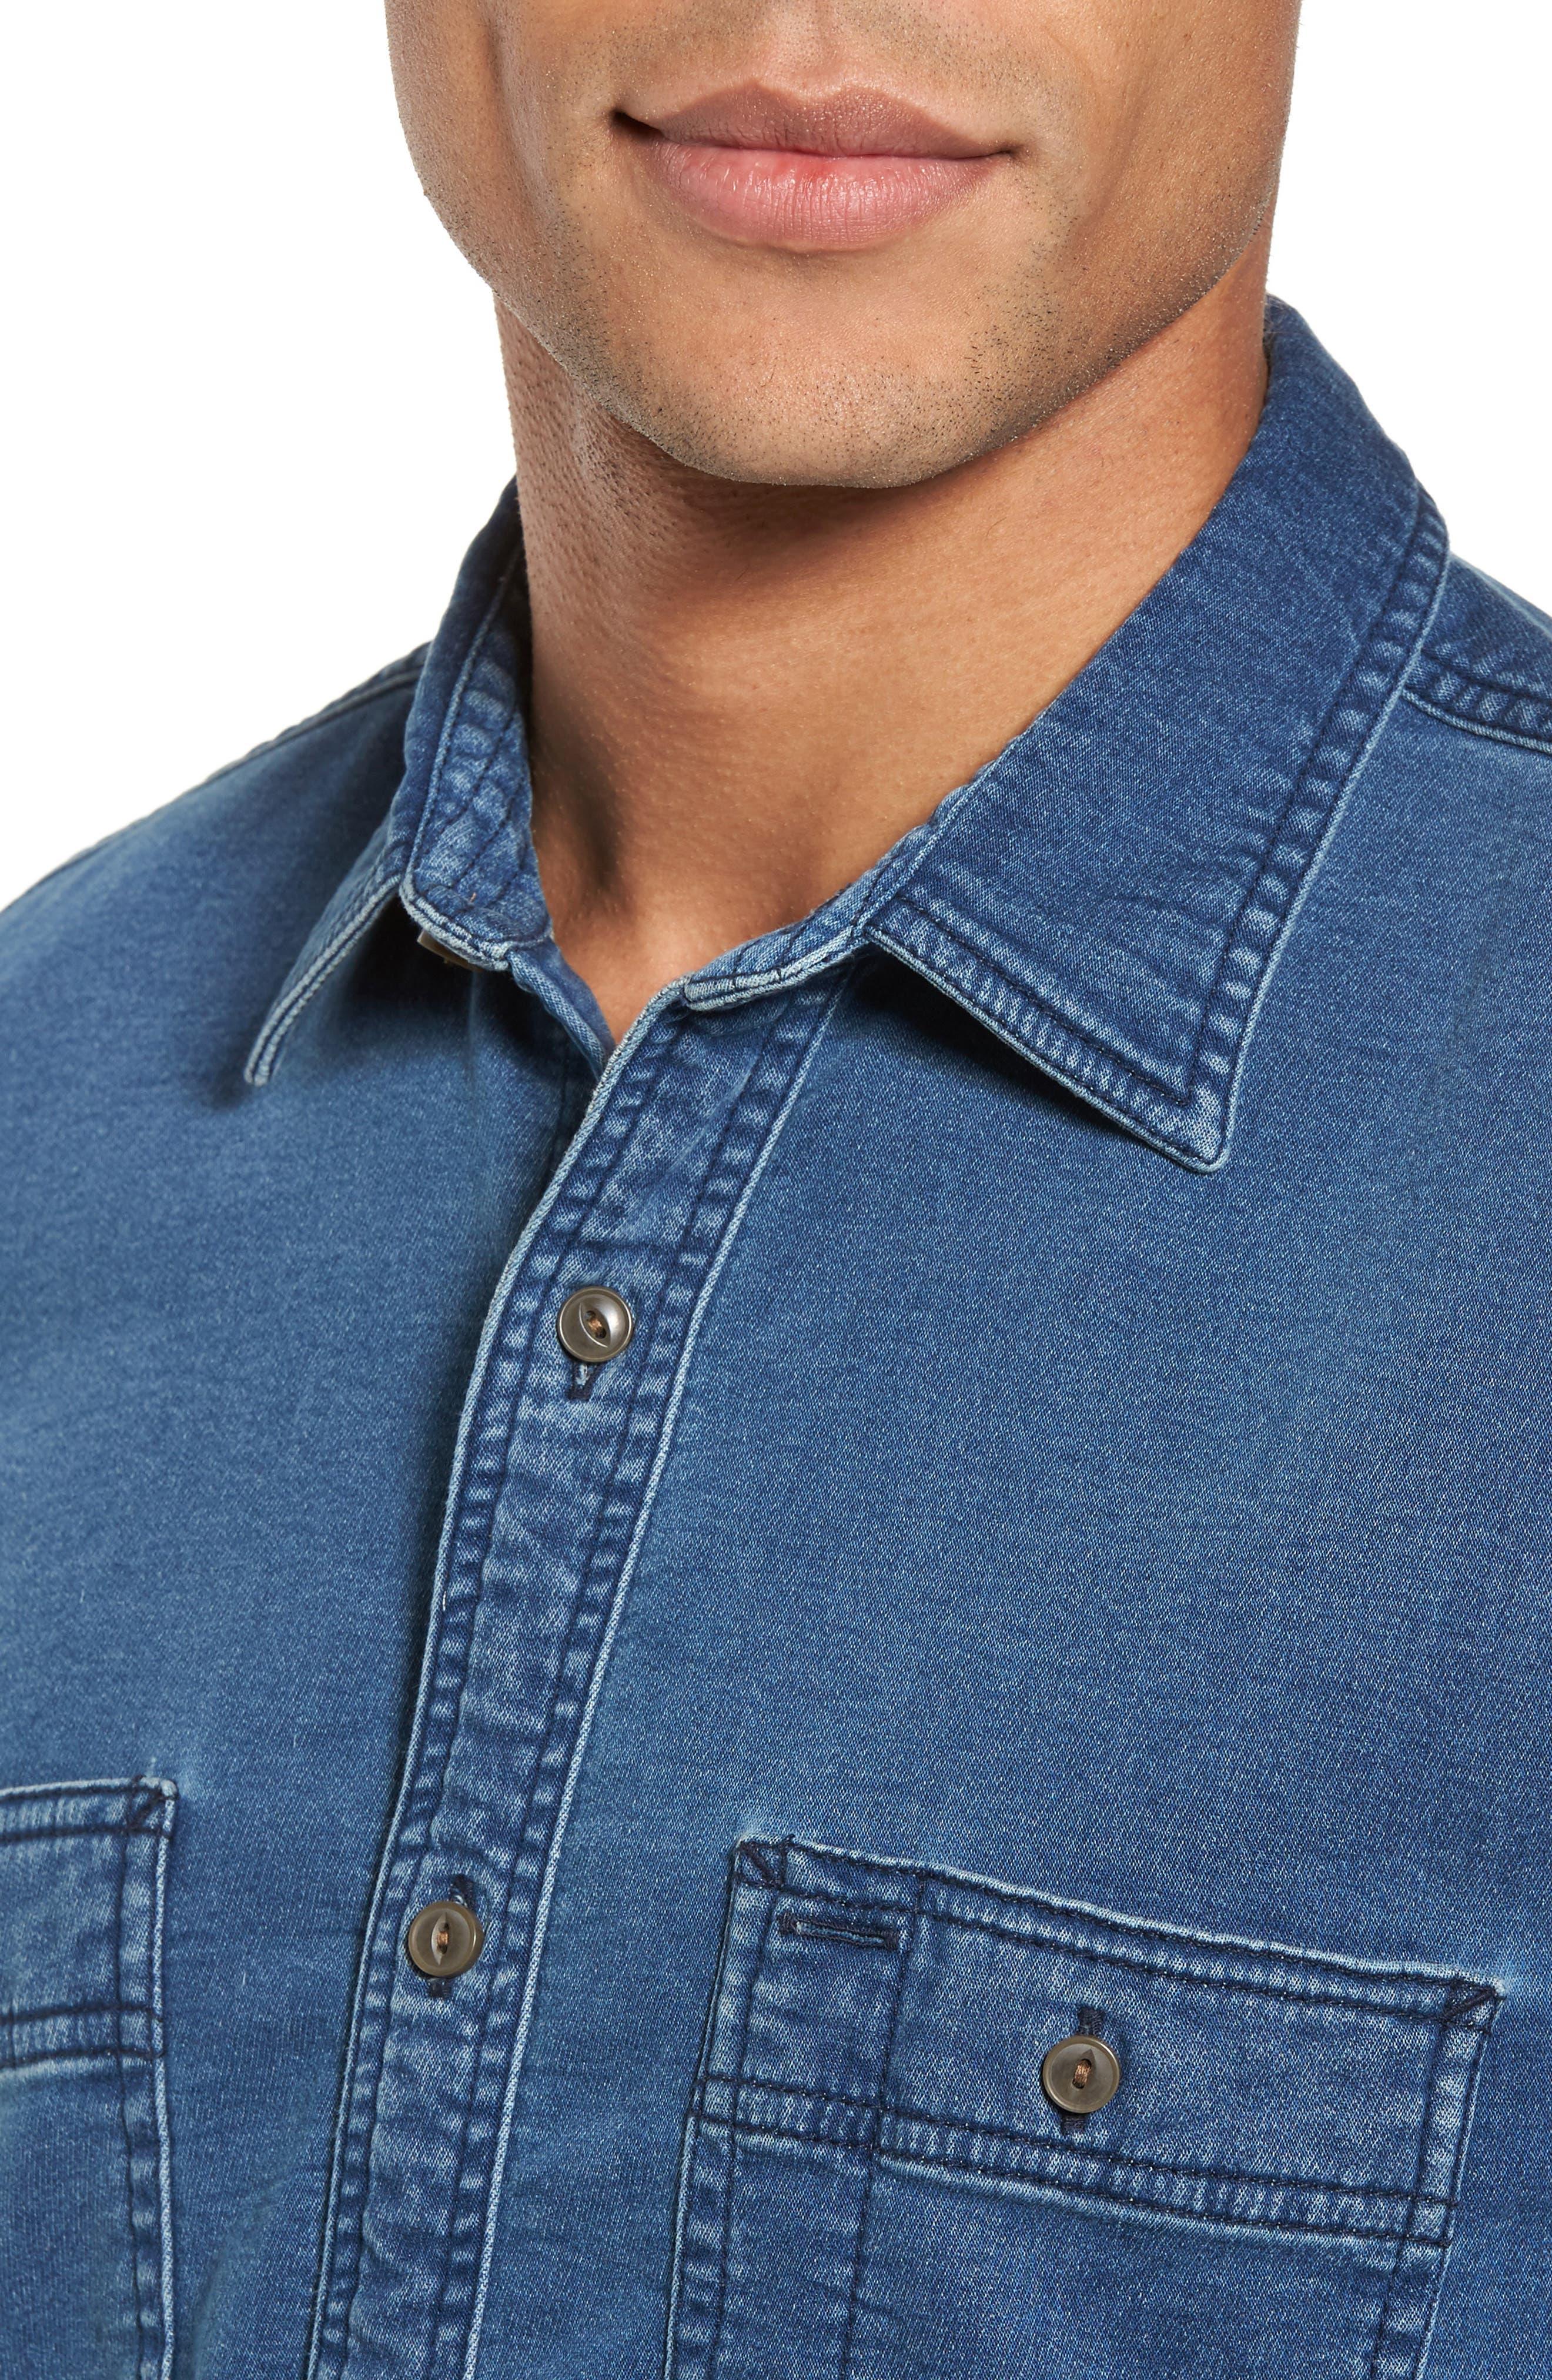 Trim Fit Utility Wash Knit Denim Shirt,                             Alternate thumbnail 4, color,